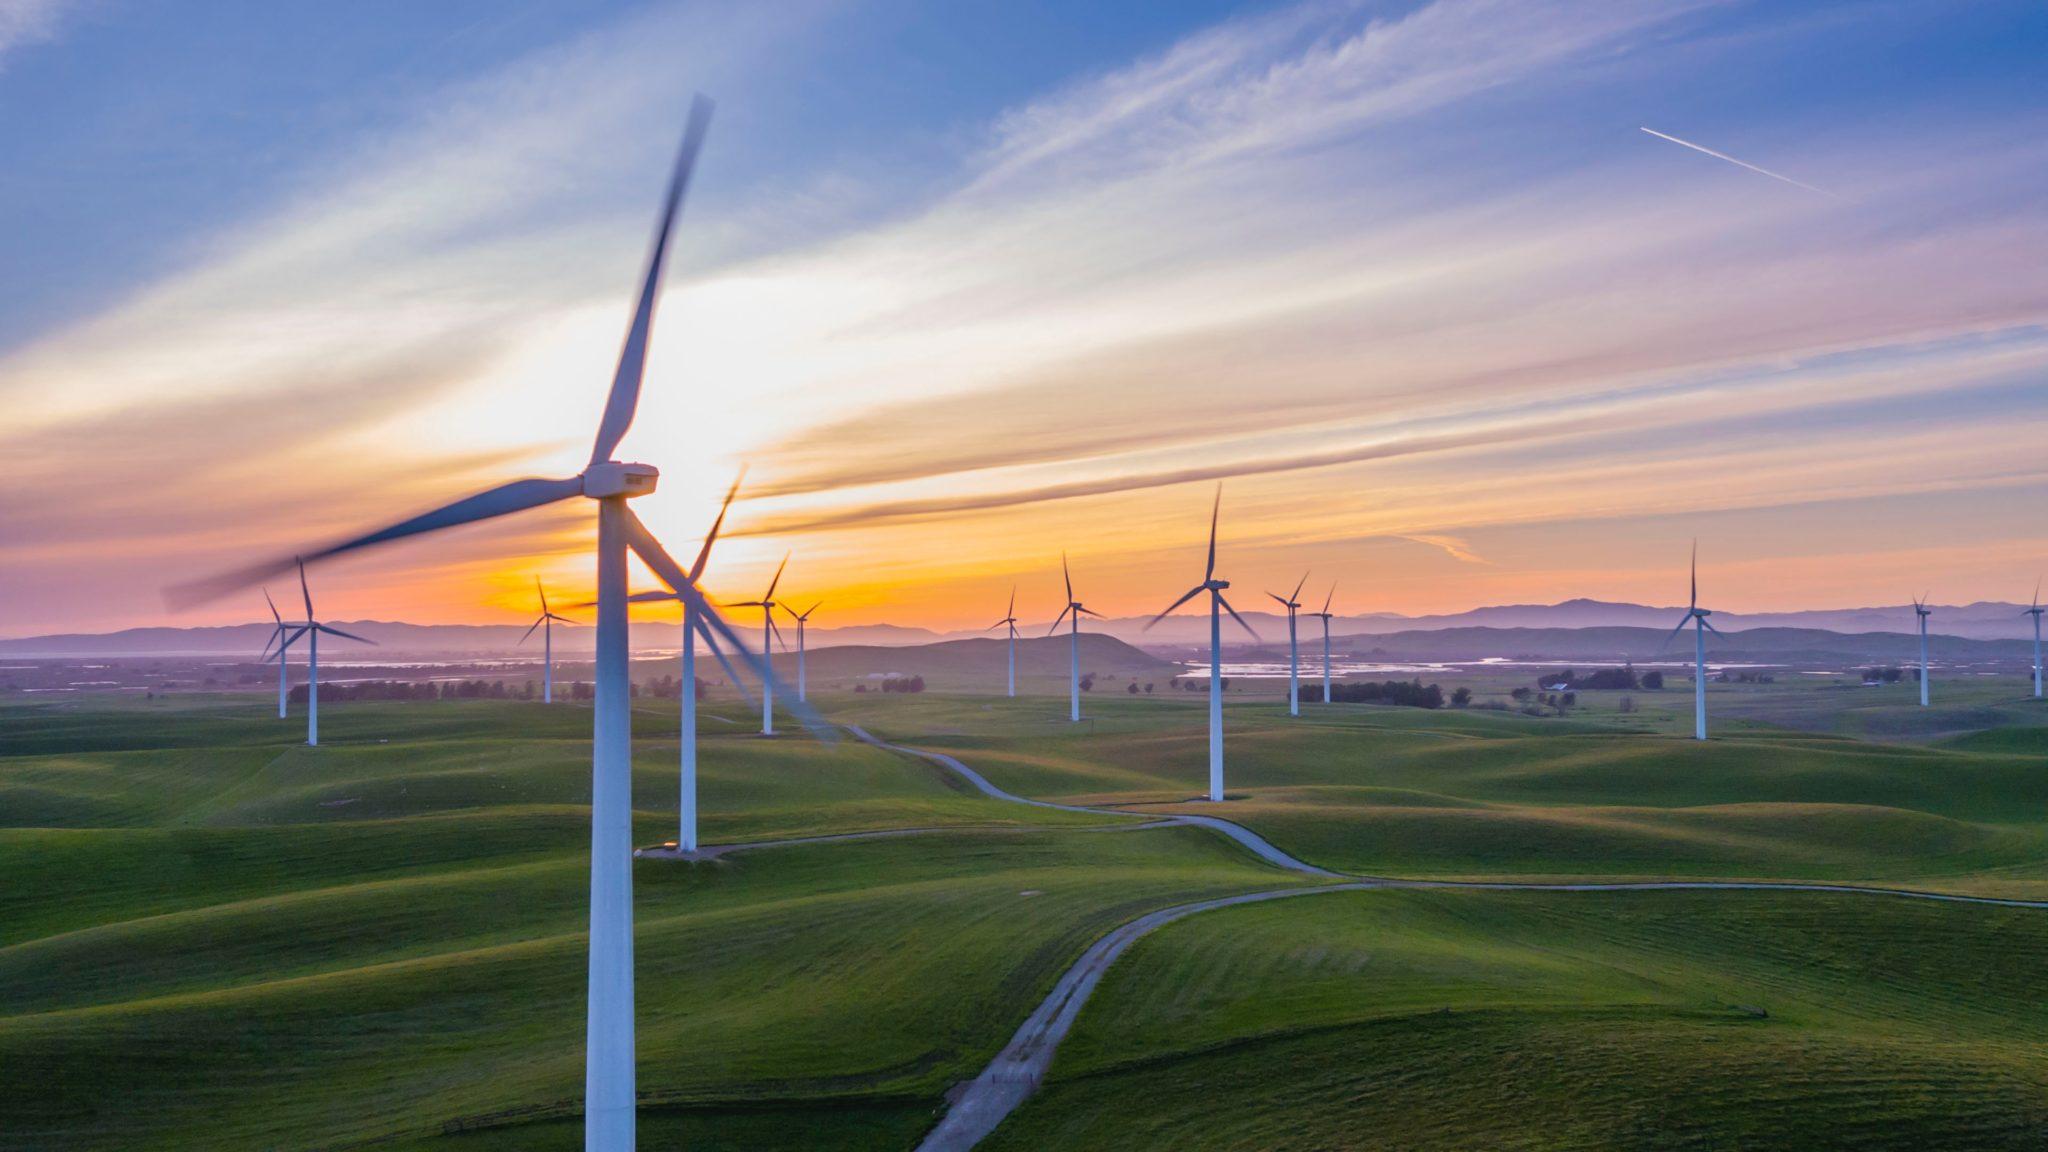 Soluna to create a record-breaking wind farm in Morocco, utilizing blockchain.